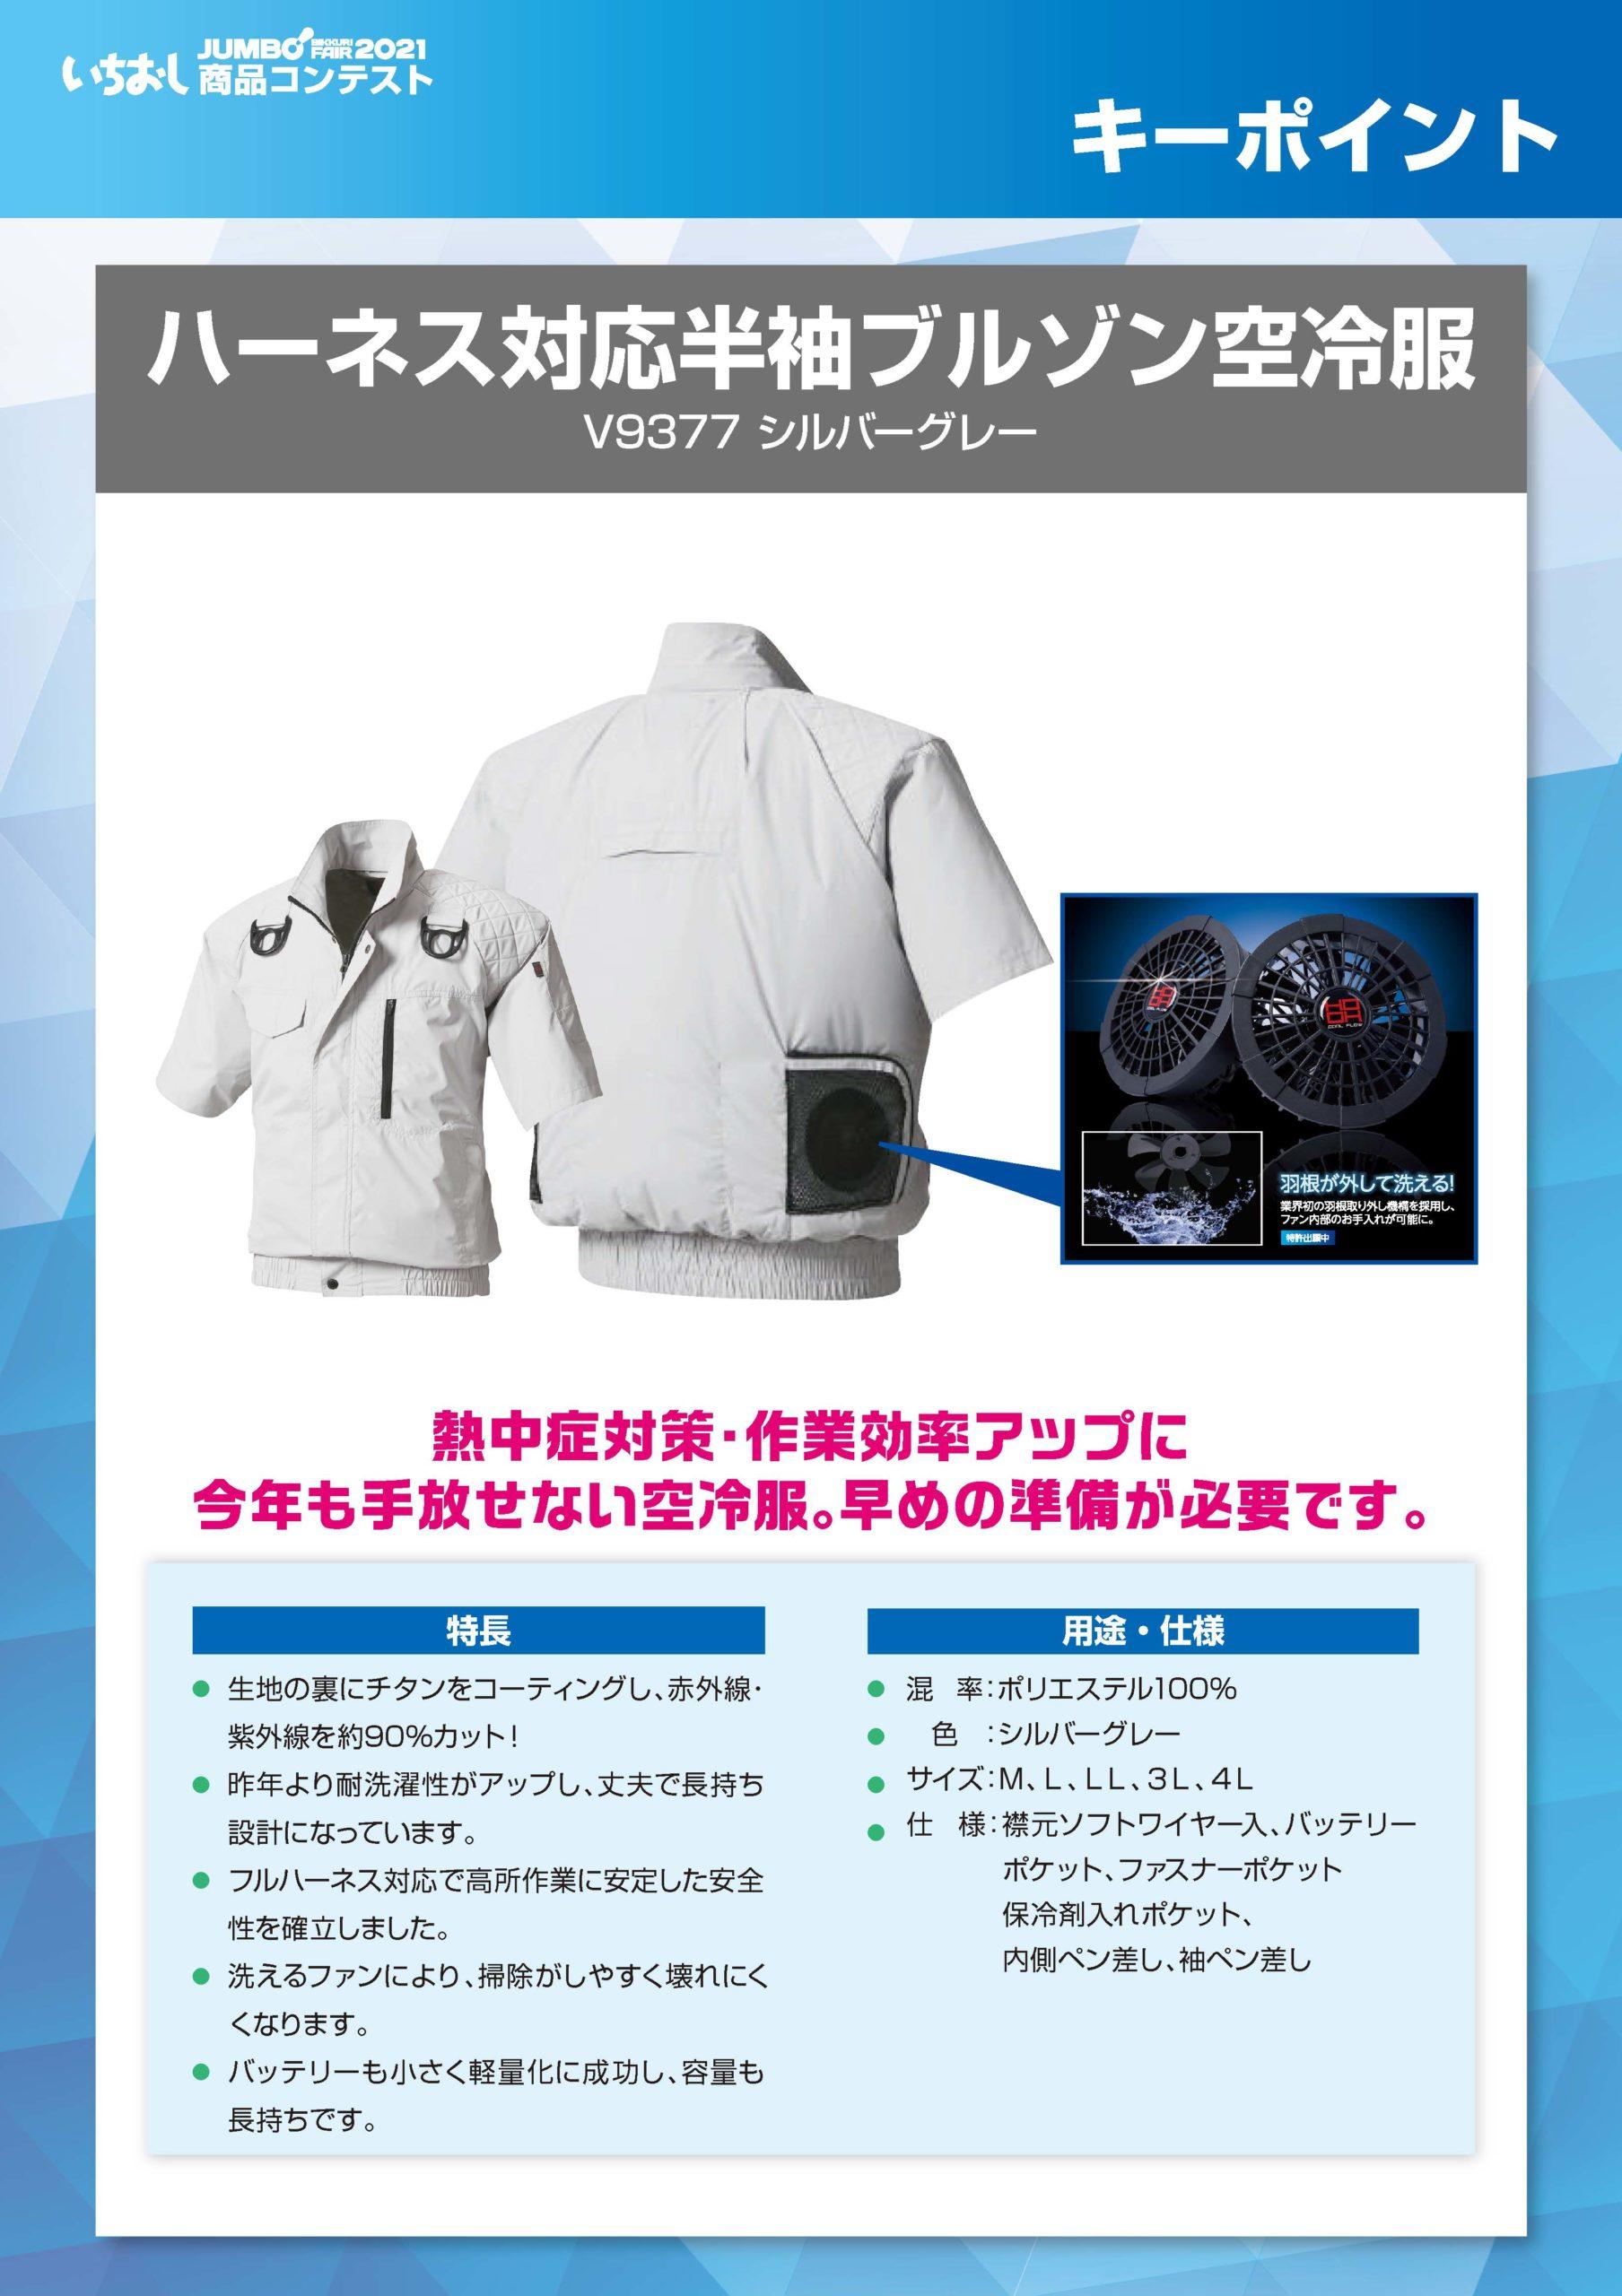 「ハーネス対応半袖ブルゾン空冷服」キーポイントの画像